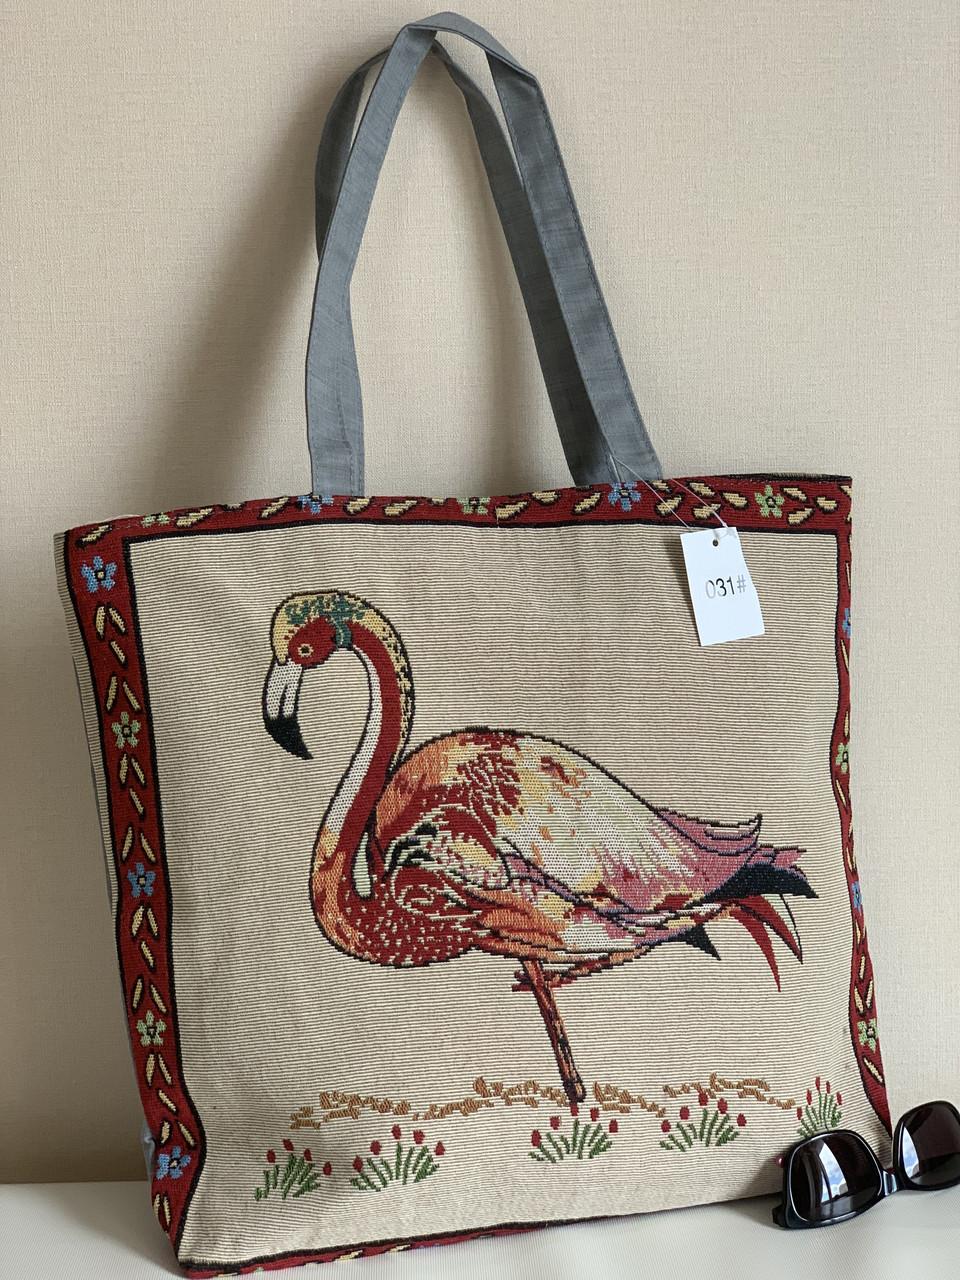 Пляжна еко сумка шоппер з тканини з малюнком фламінго